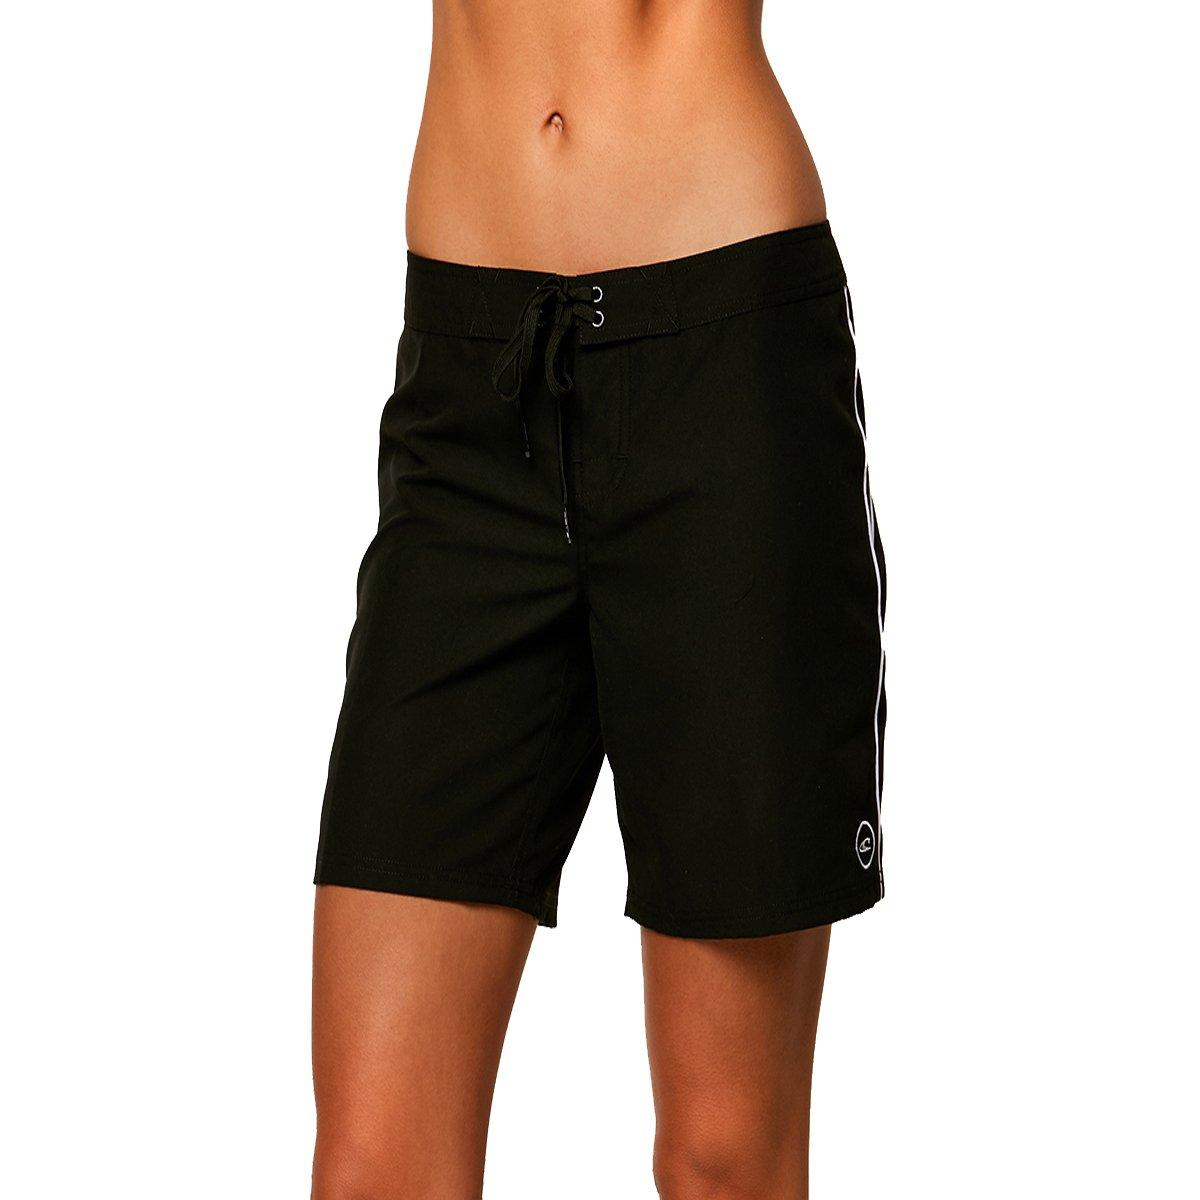 O'Neill Women's Salt Water 7'' Boardshort, Black, 9